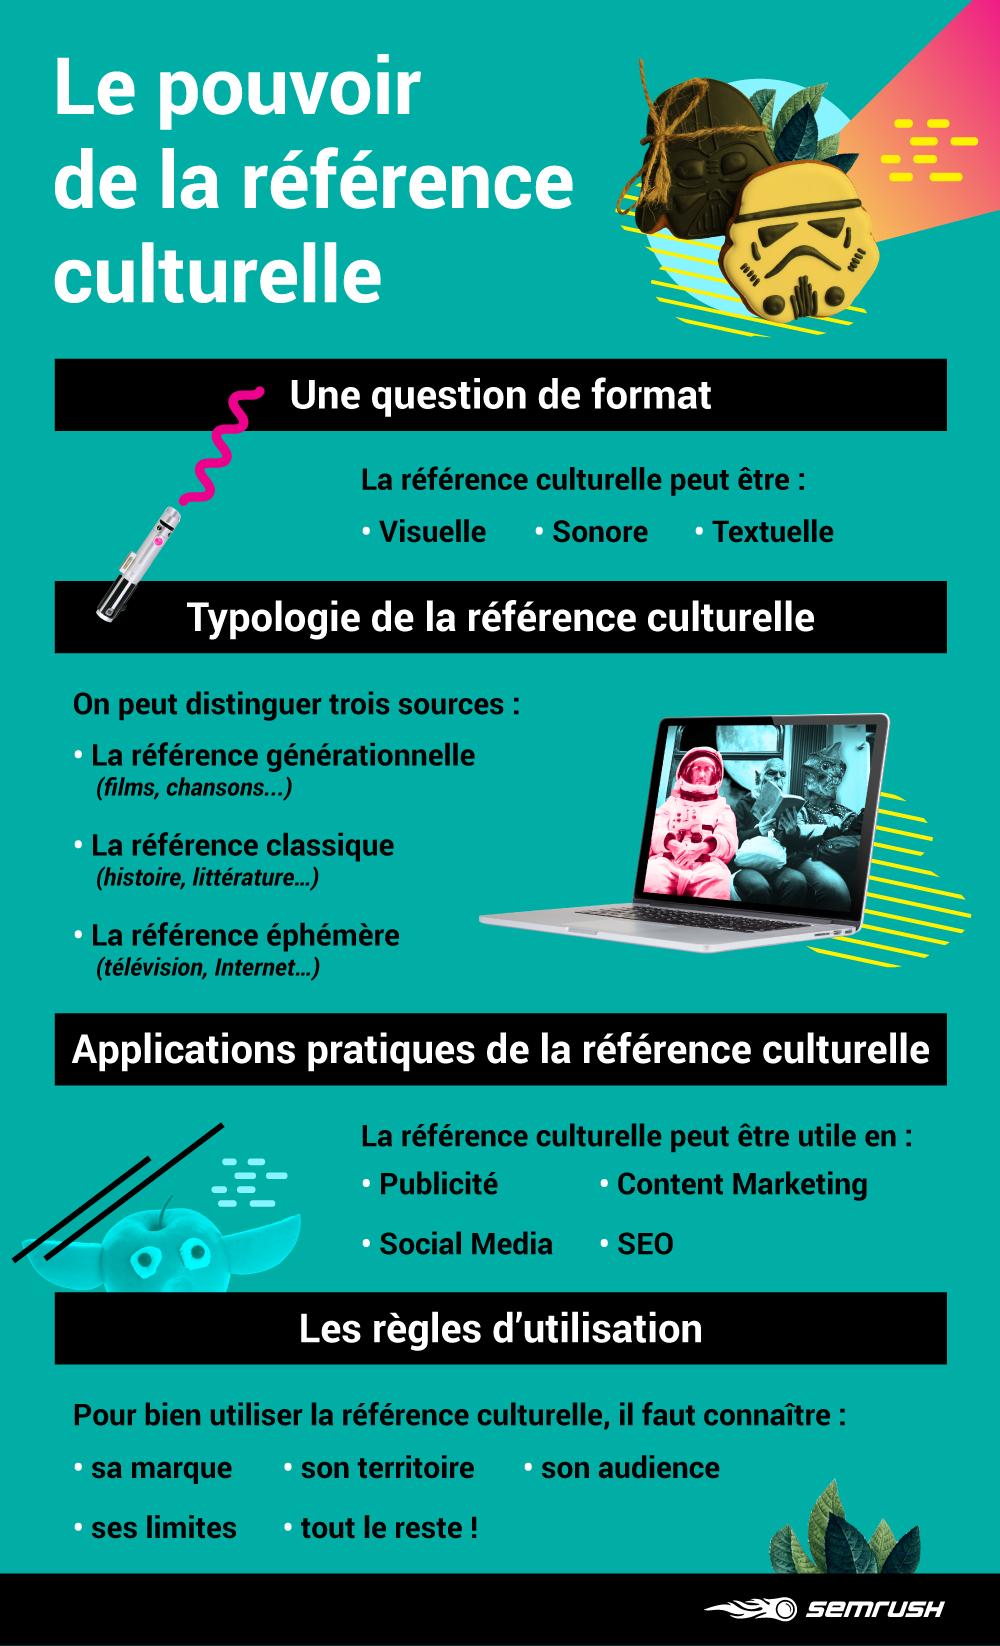 Le pouvoir de la référence culturelle dans le marketing : infographie